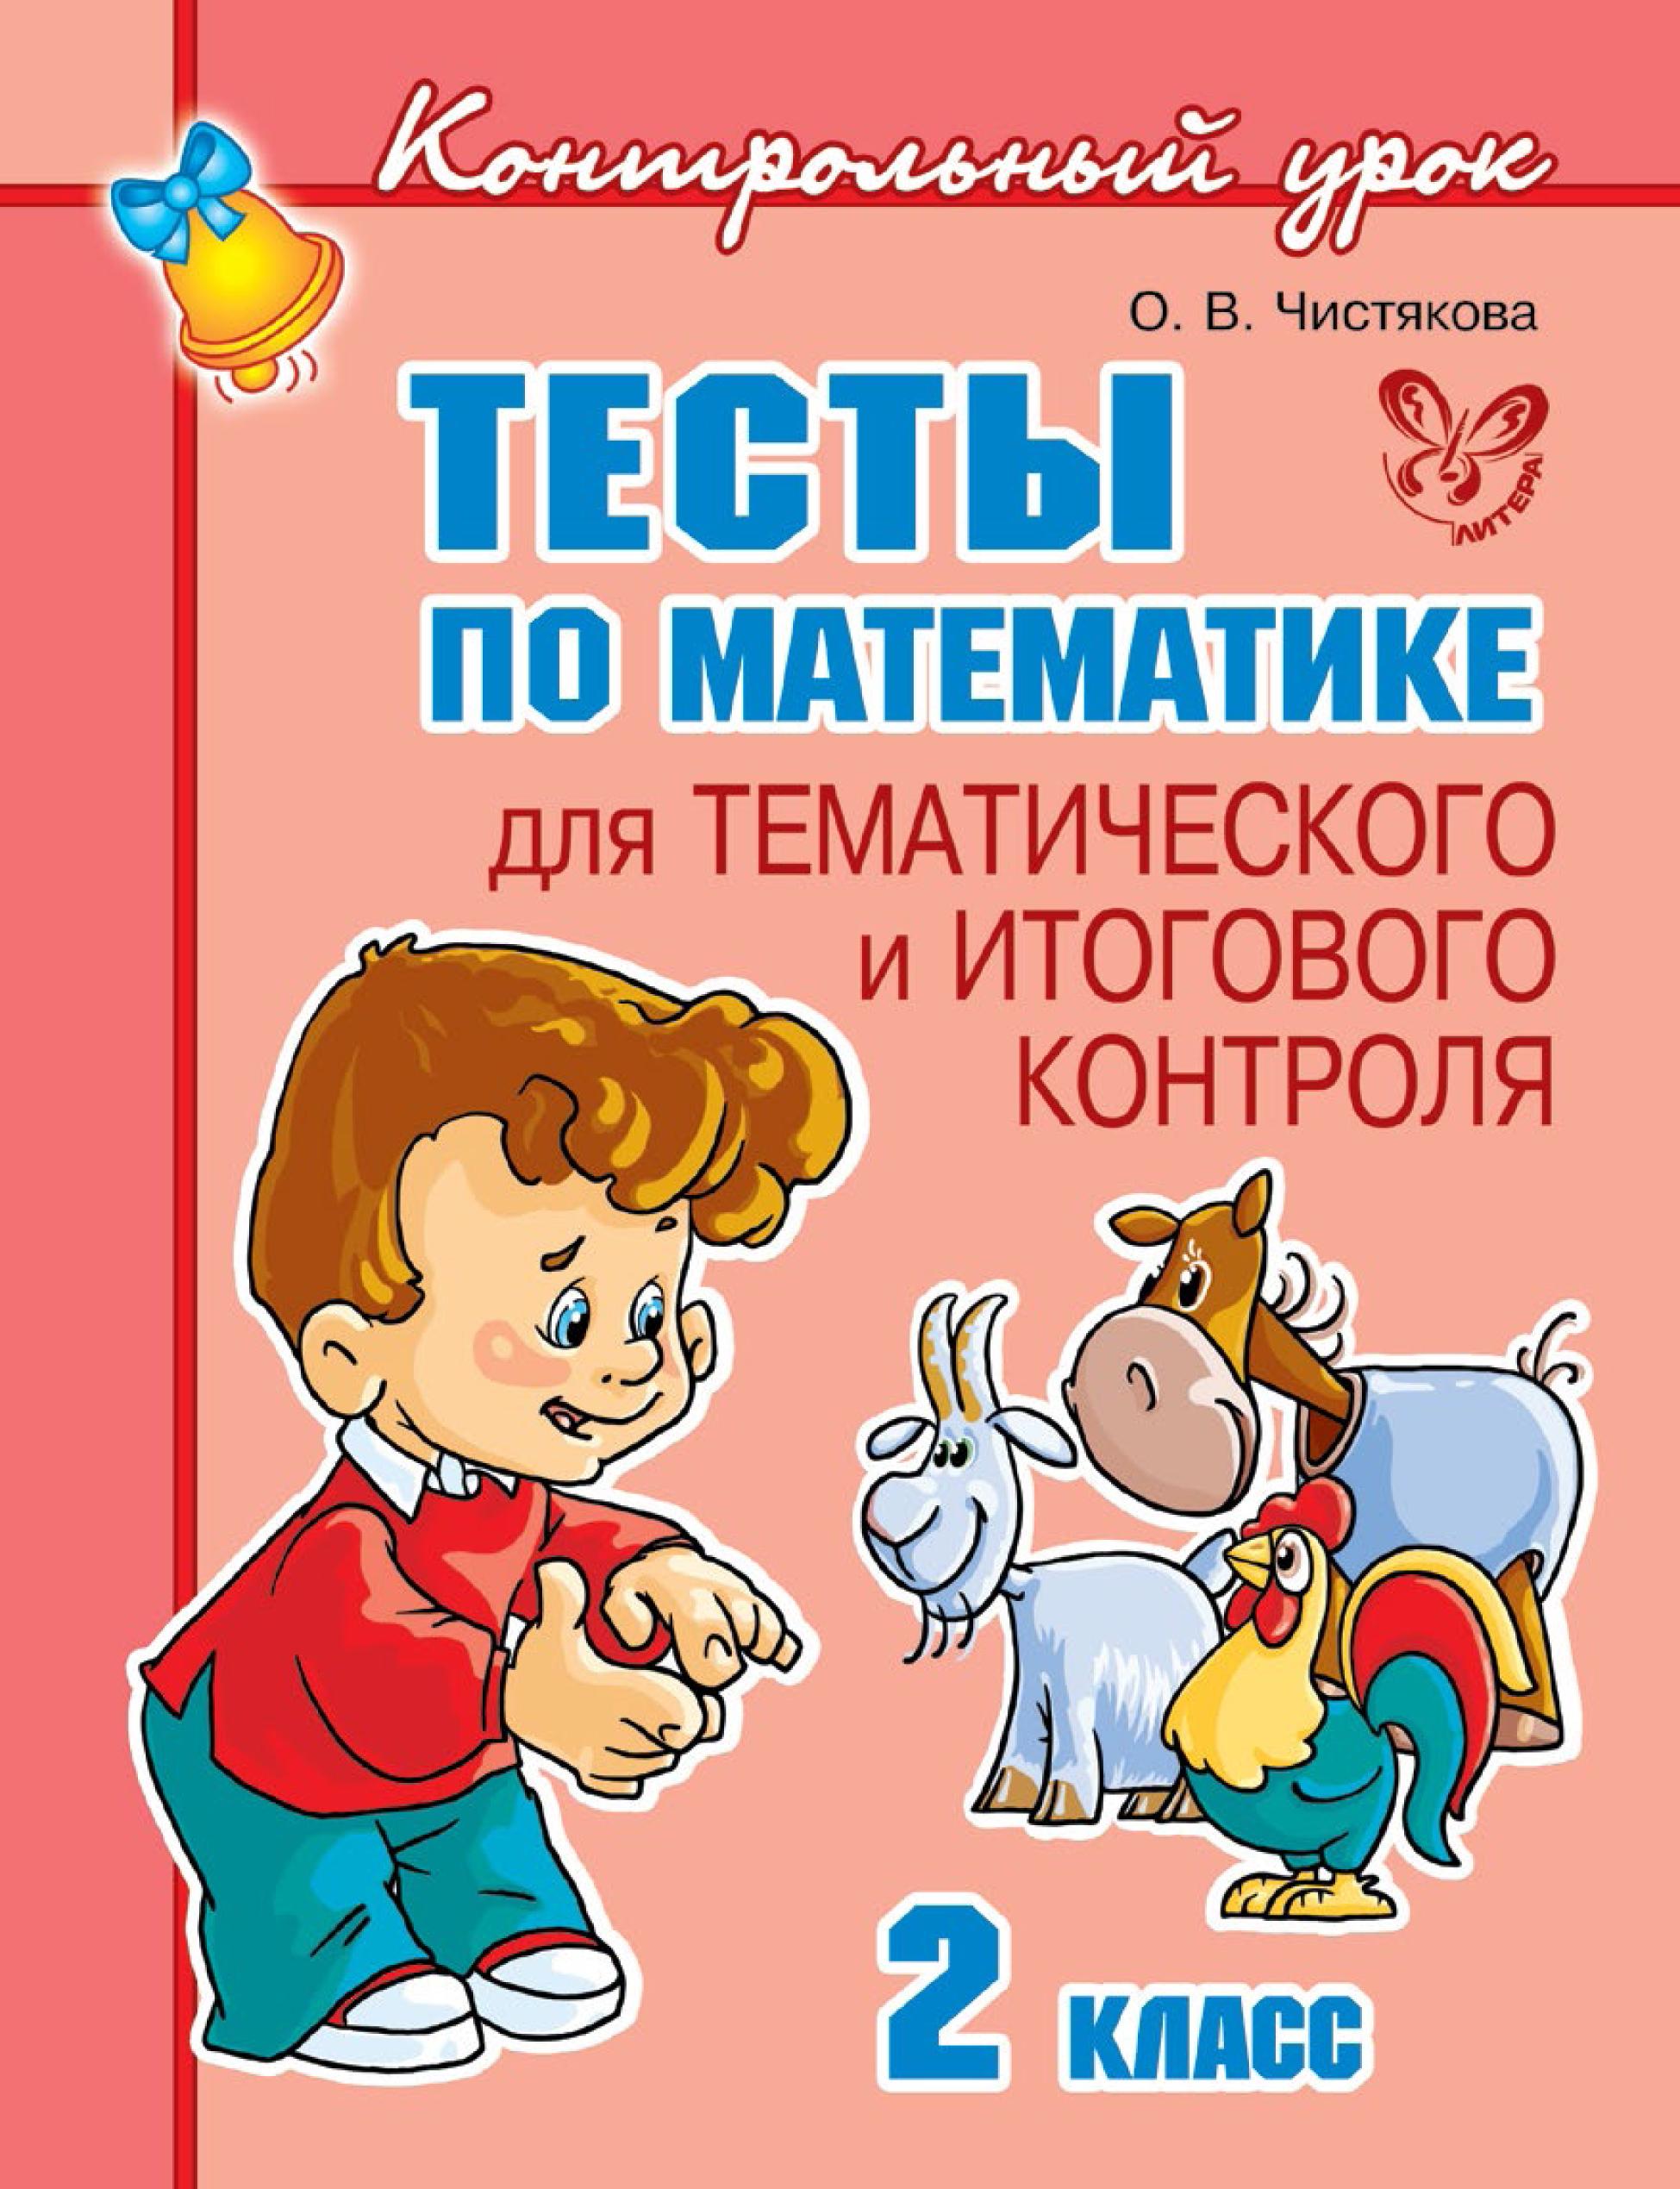 О. В. Чистякова Тесты по математике для тематического и итогового контроля. 2 класс